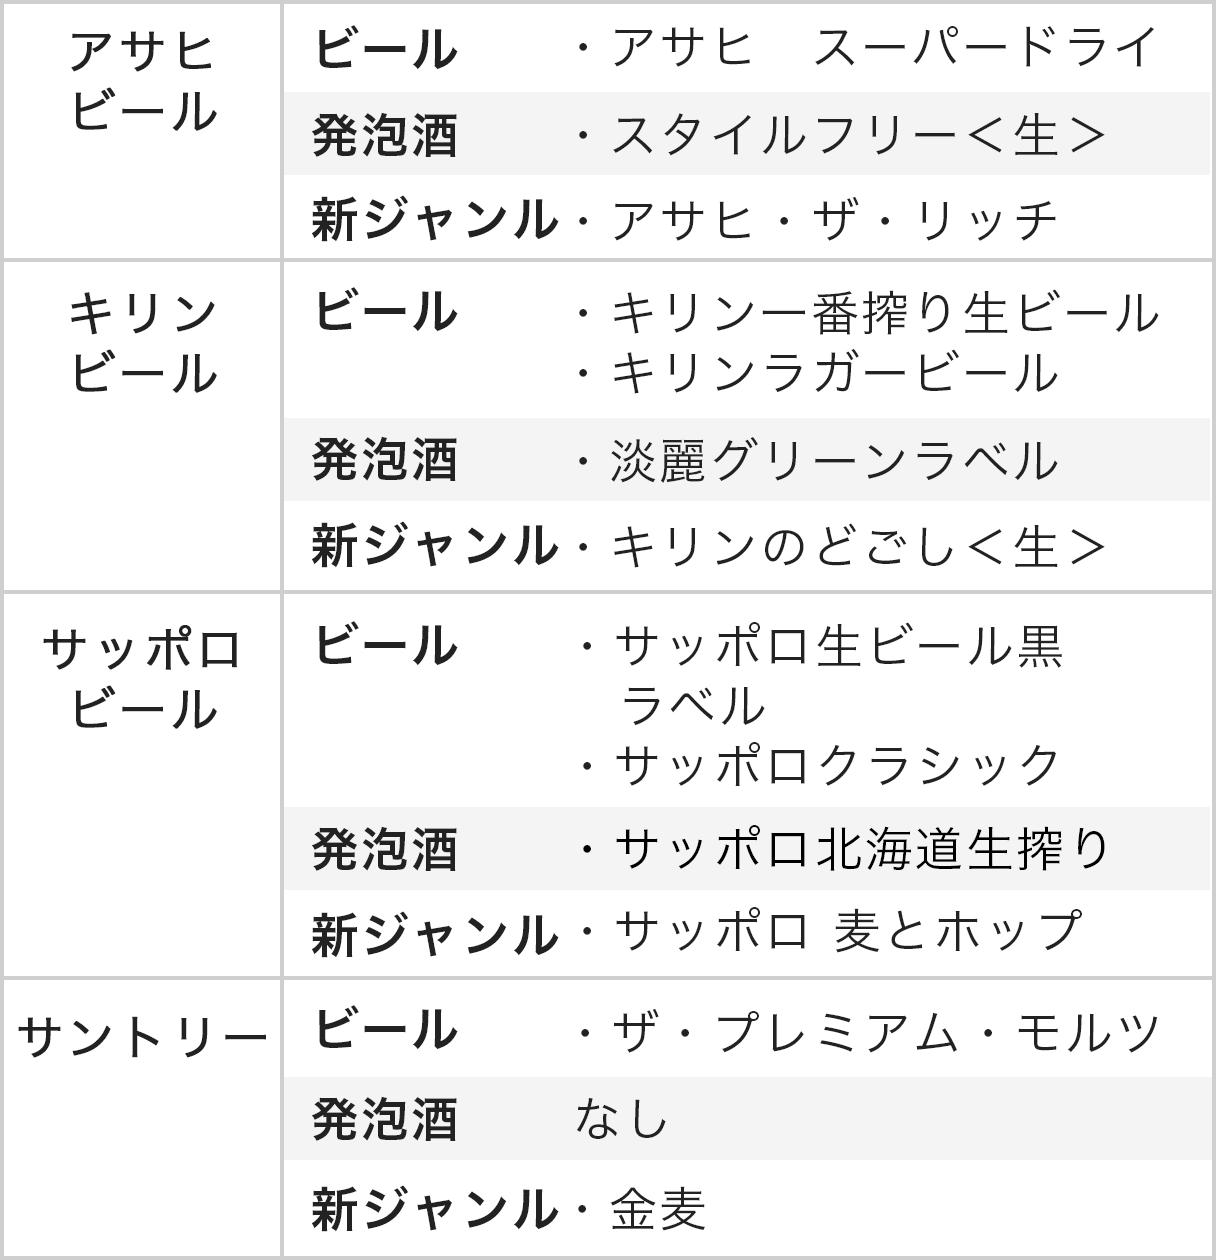 焼酎 酒 税法 改正 2020